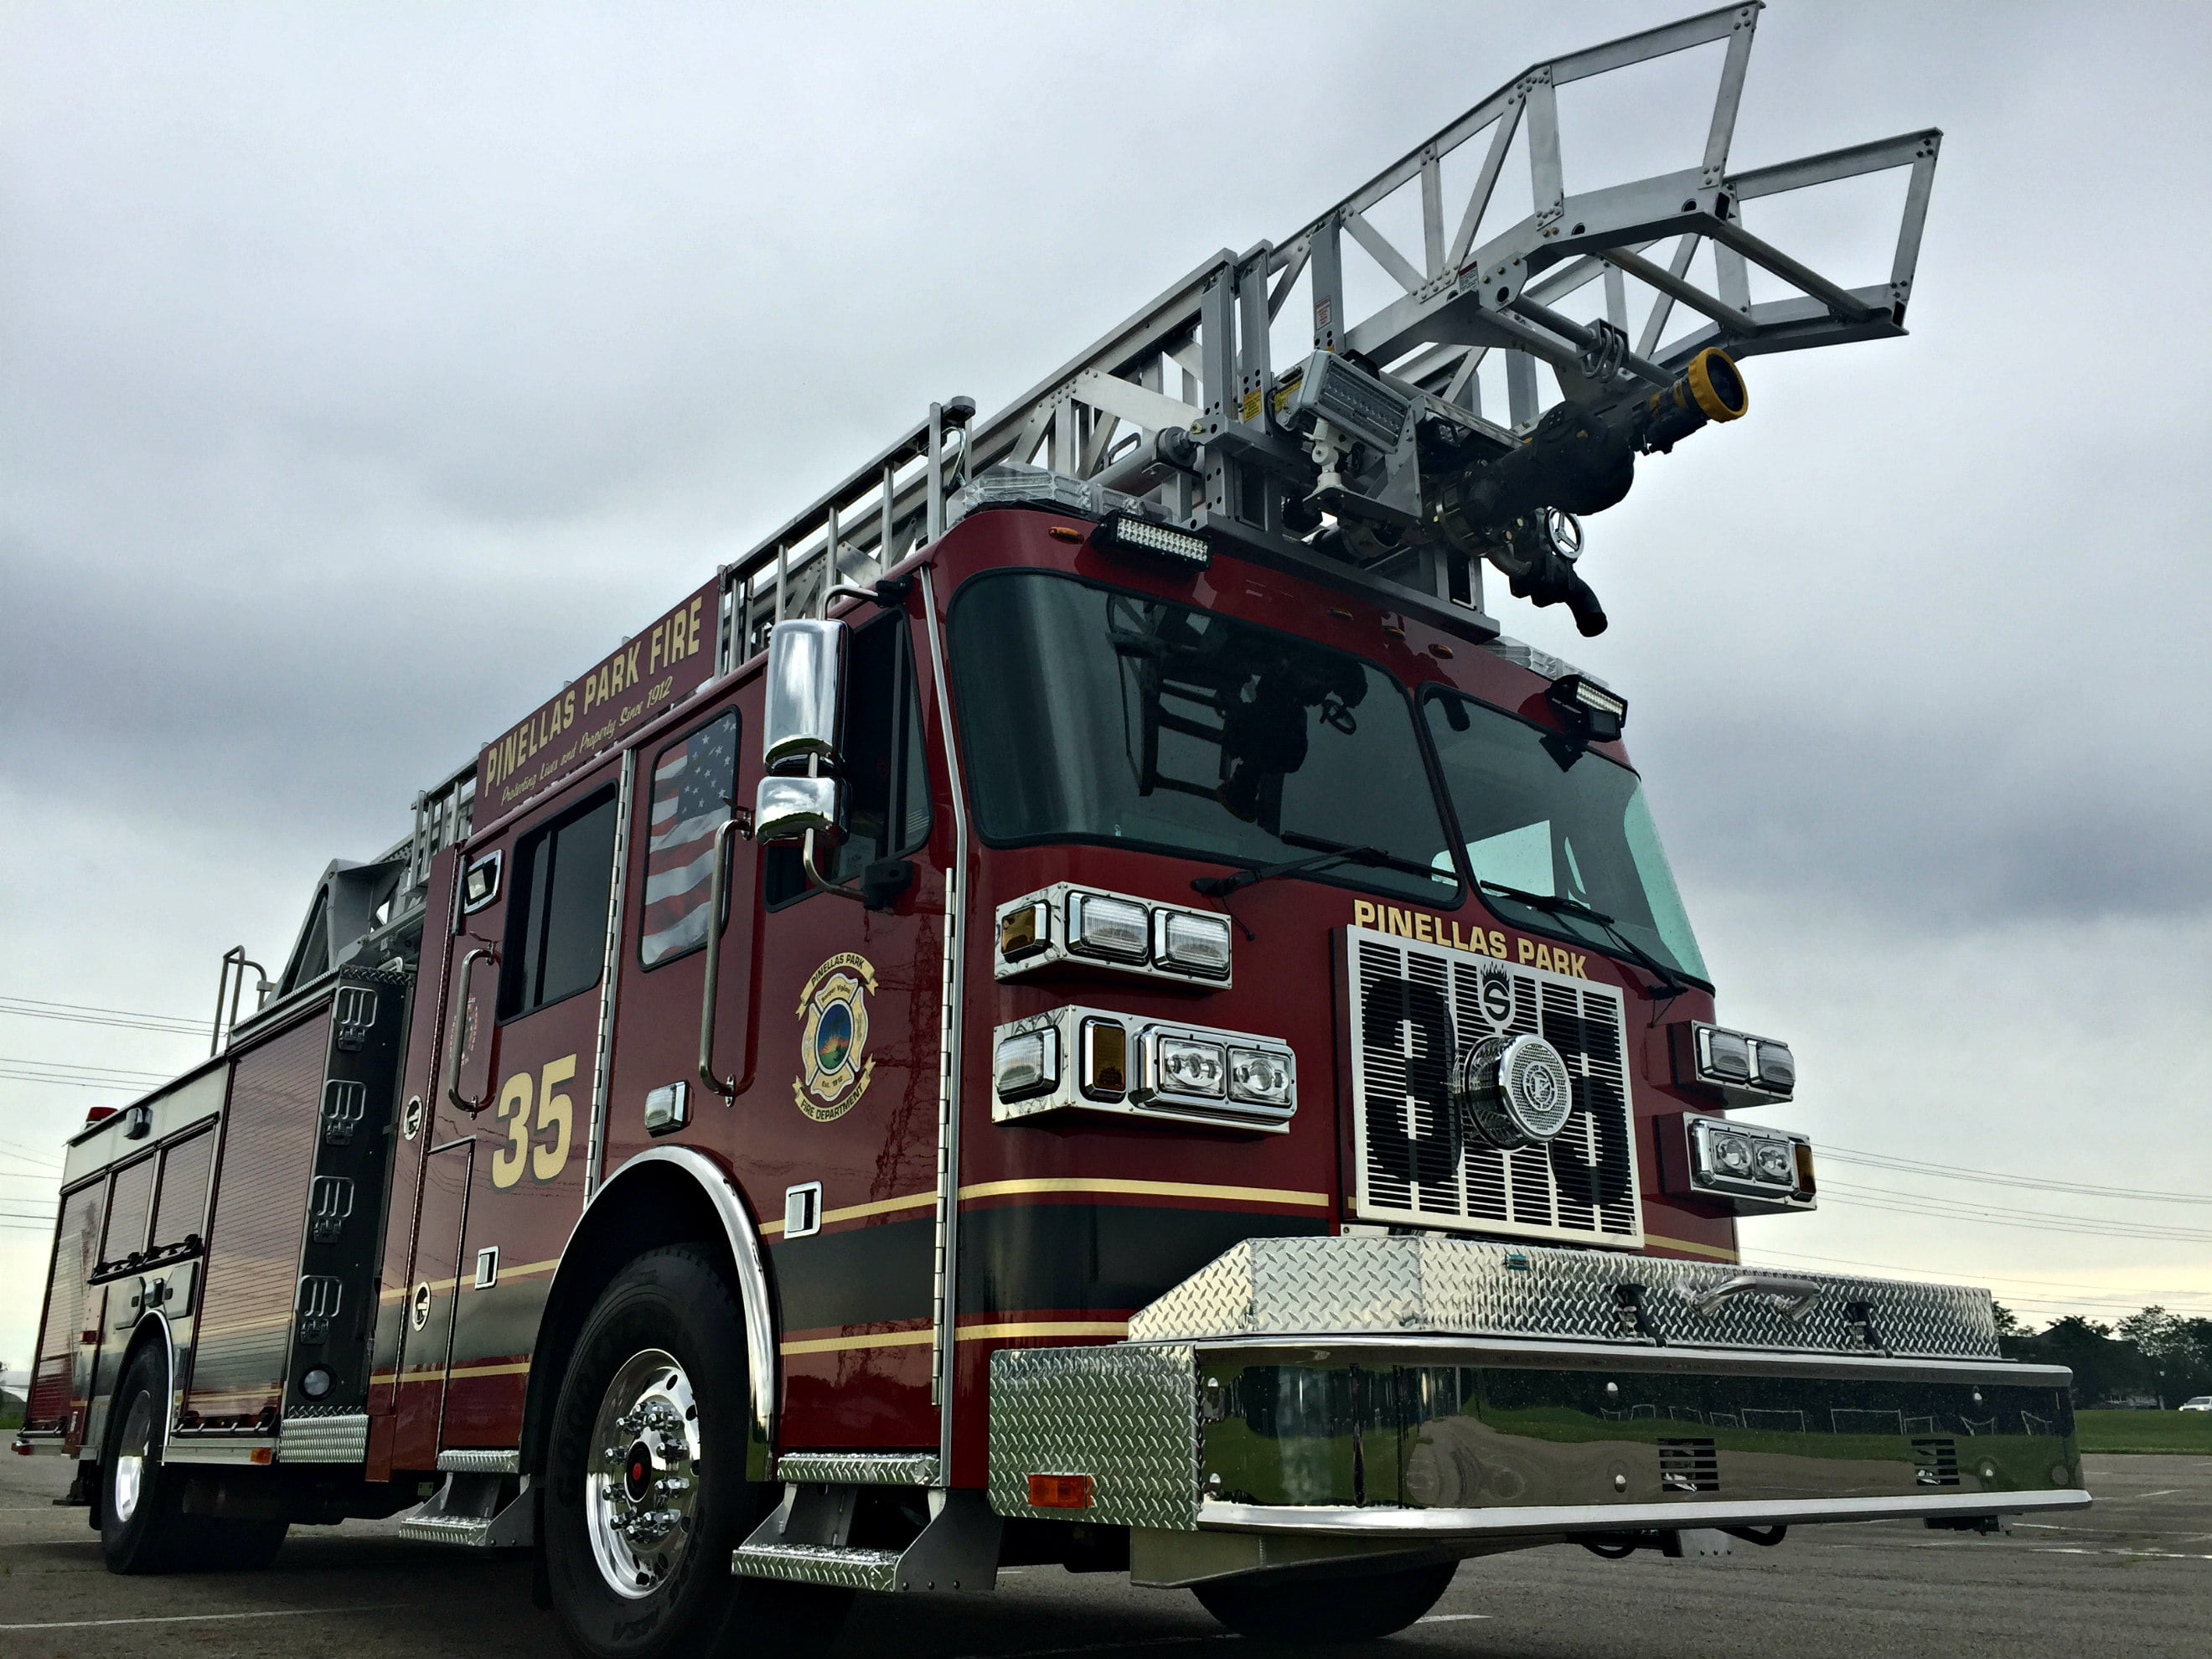 SLR 75 – Pinellas Park Fire Department, FL